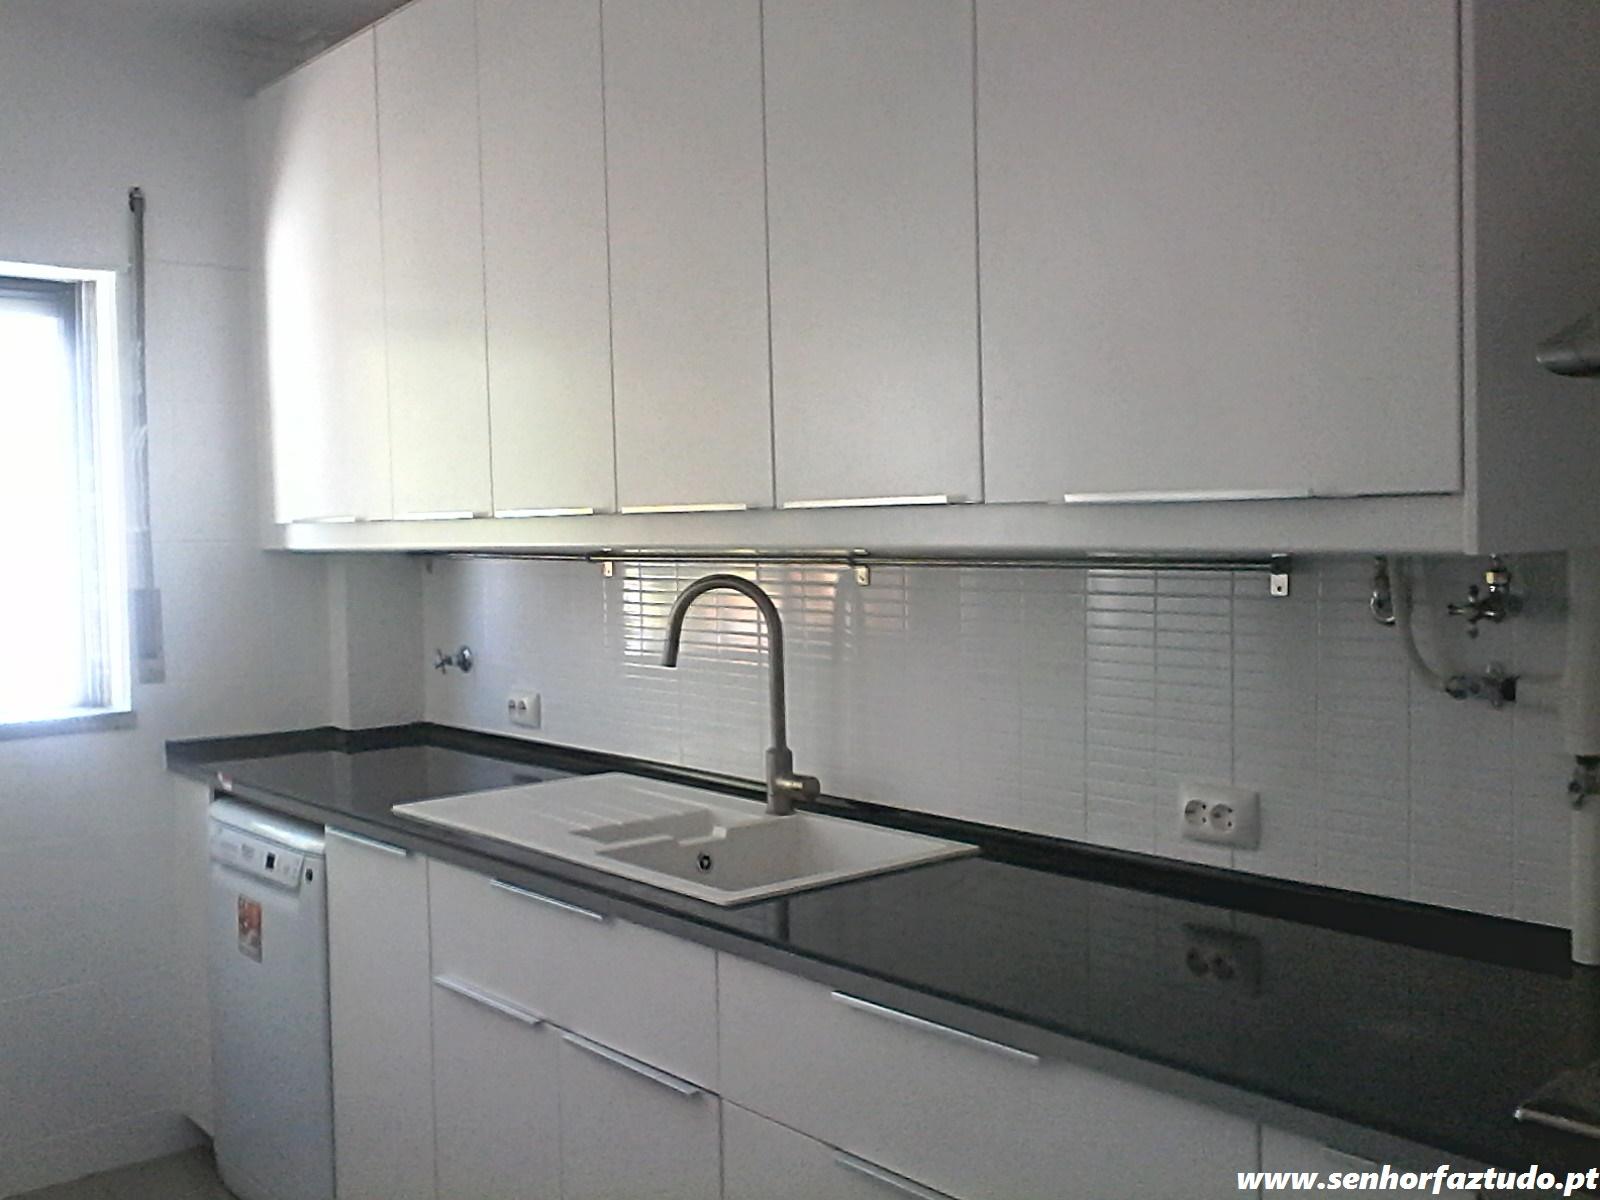 Montagem de Cozinhas Montagem de Cozinhas IKEA Pintura de azulejos #596472 1600 1200